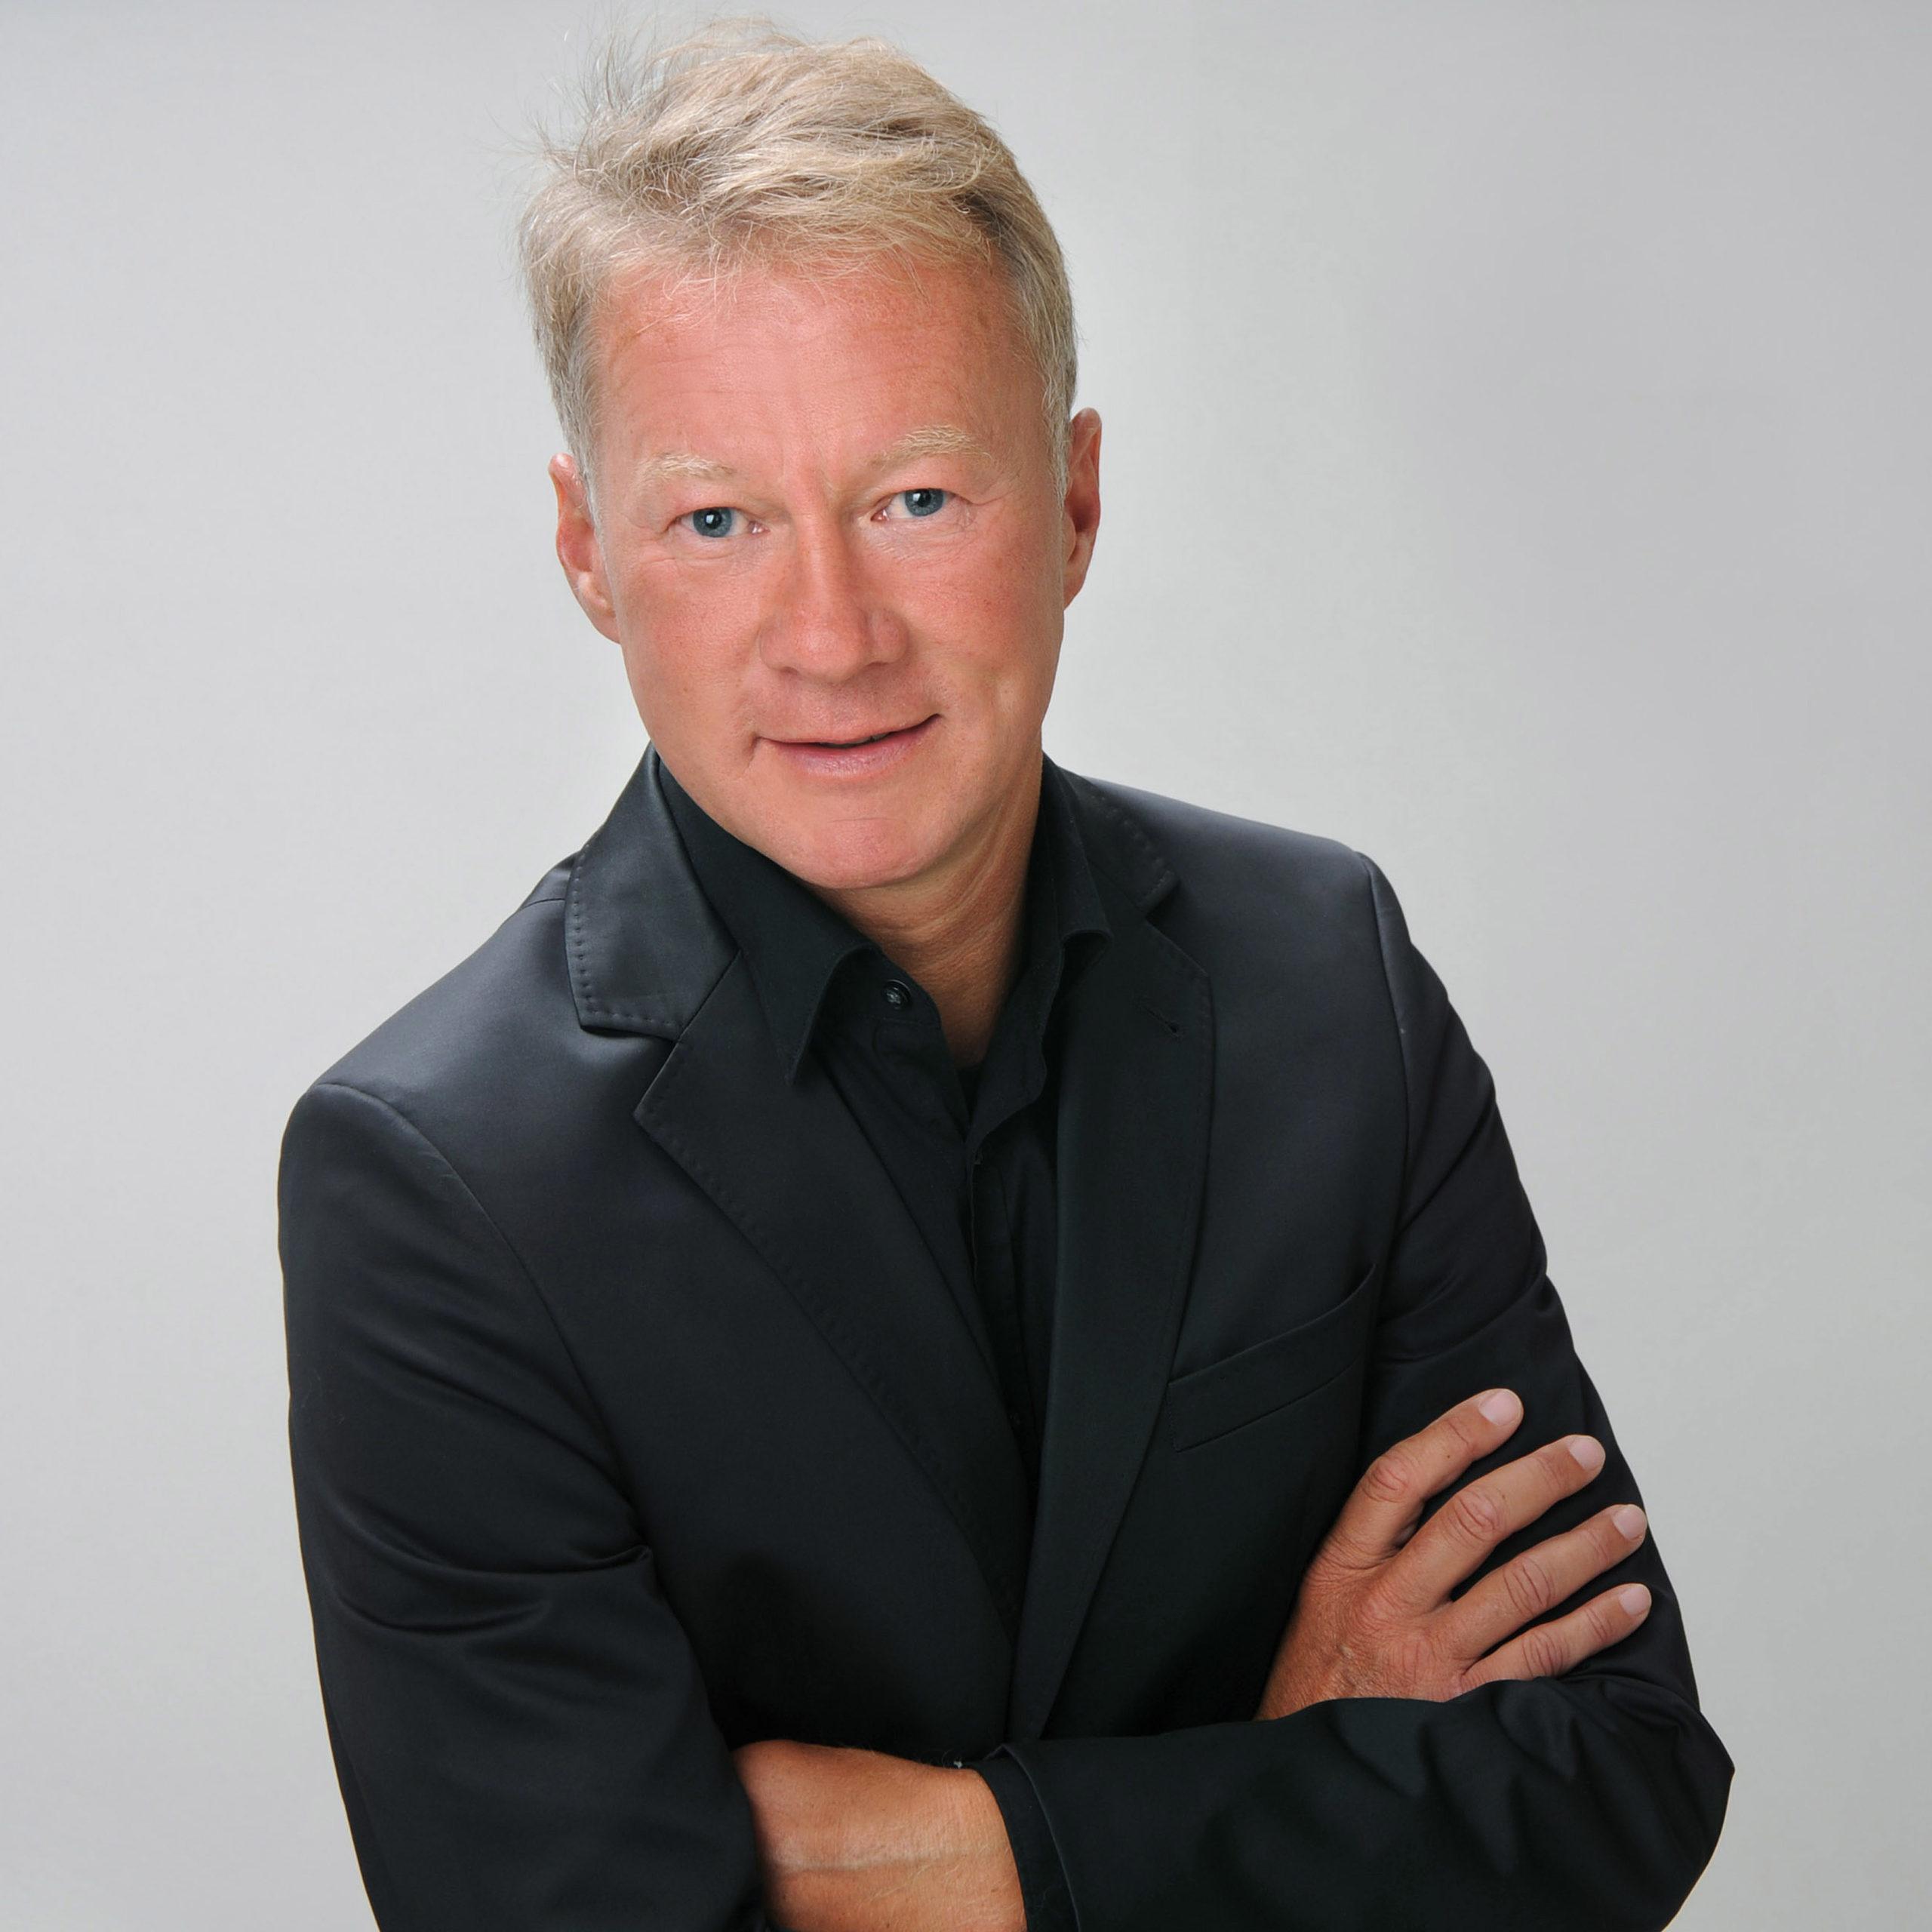 Carsten Umland